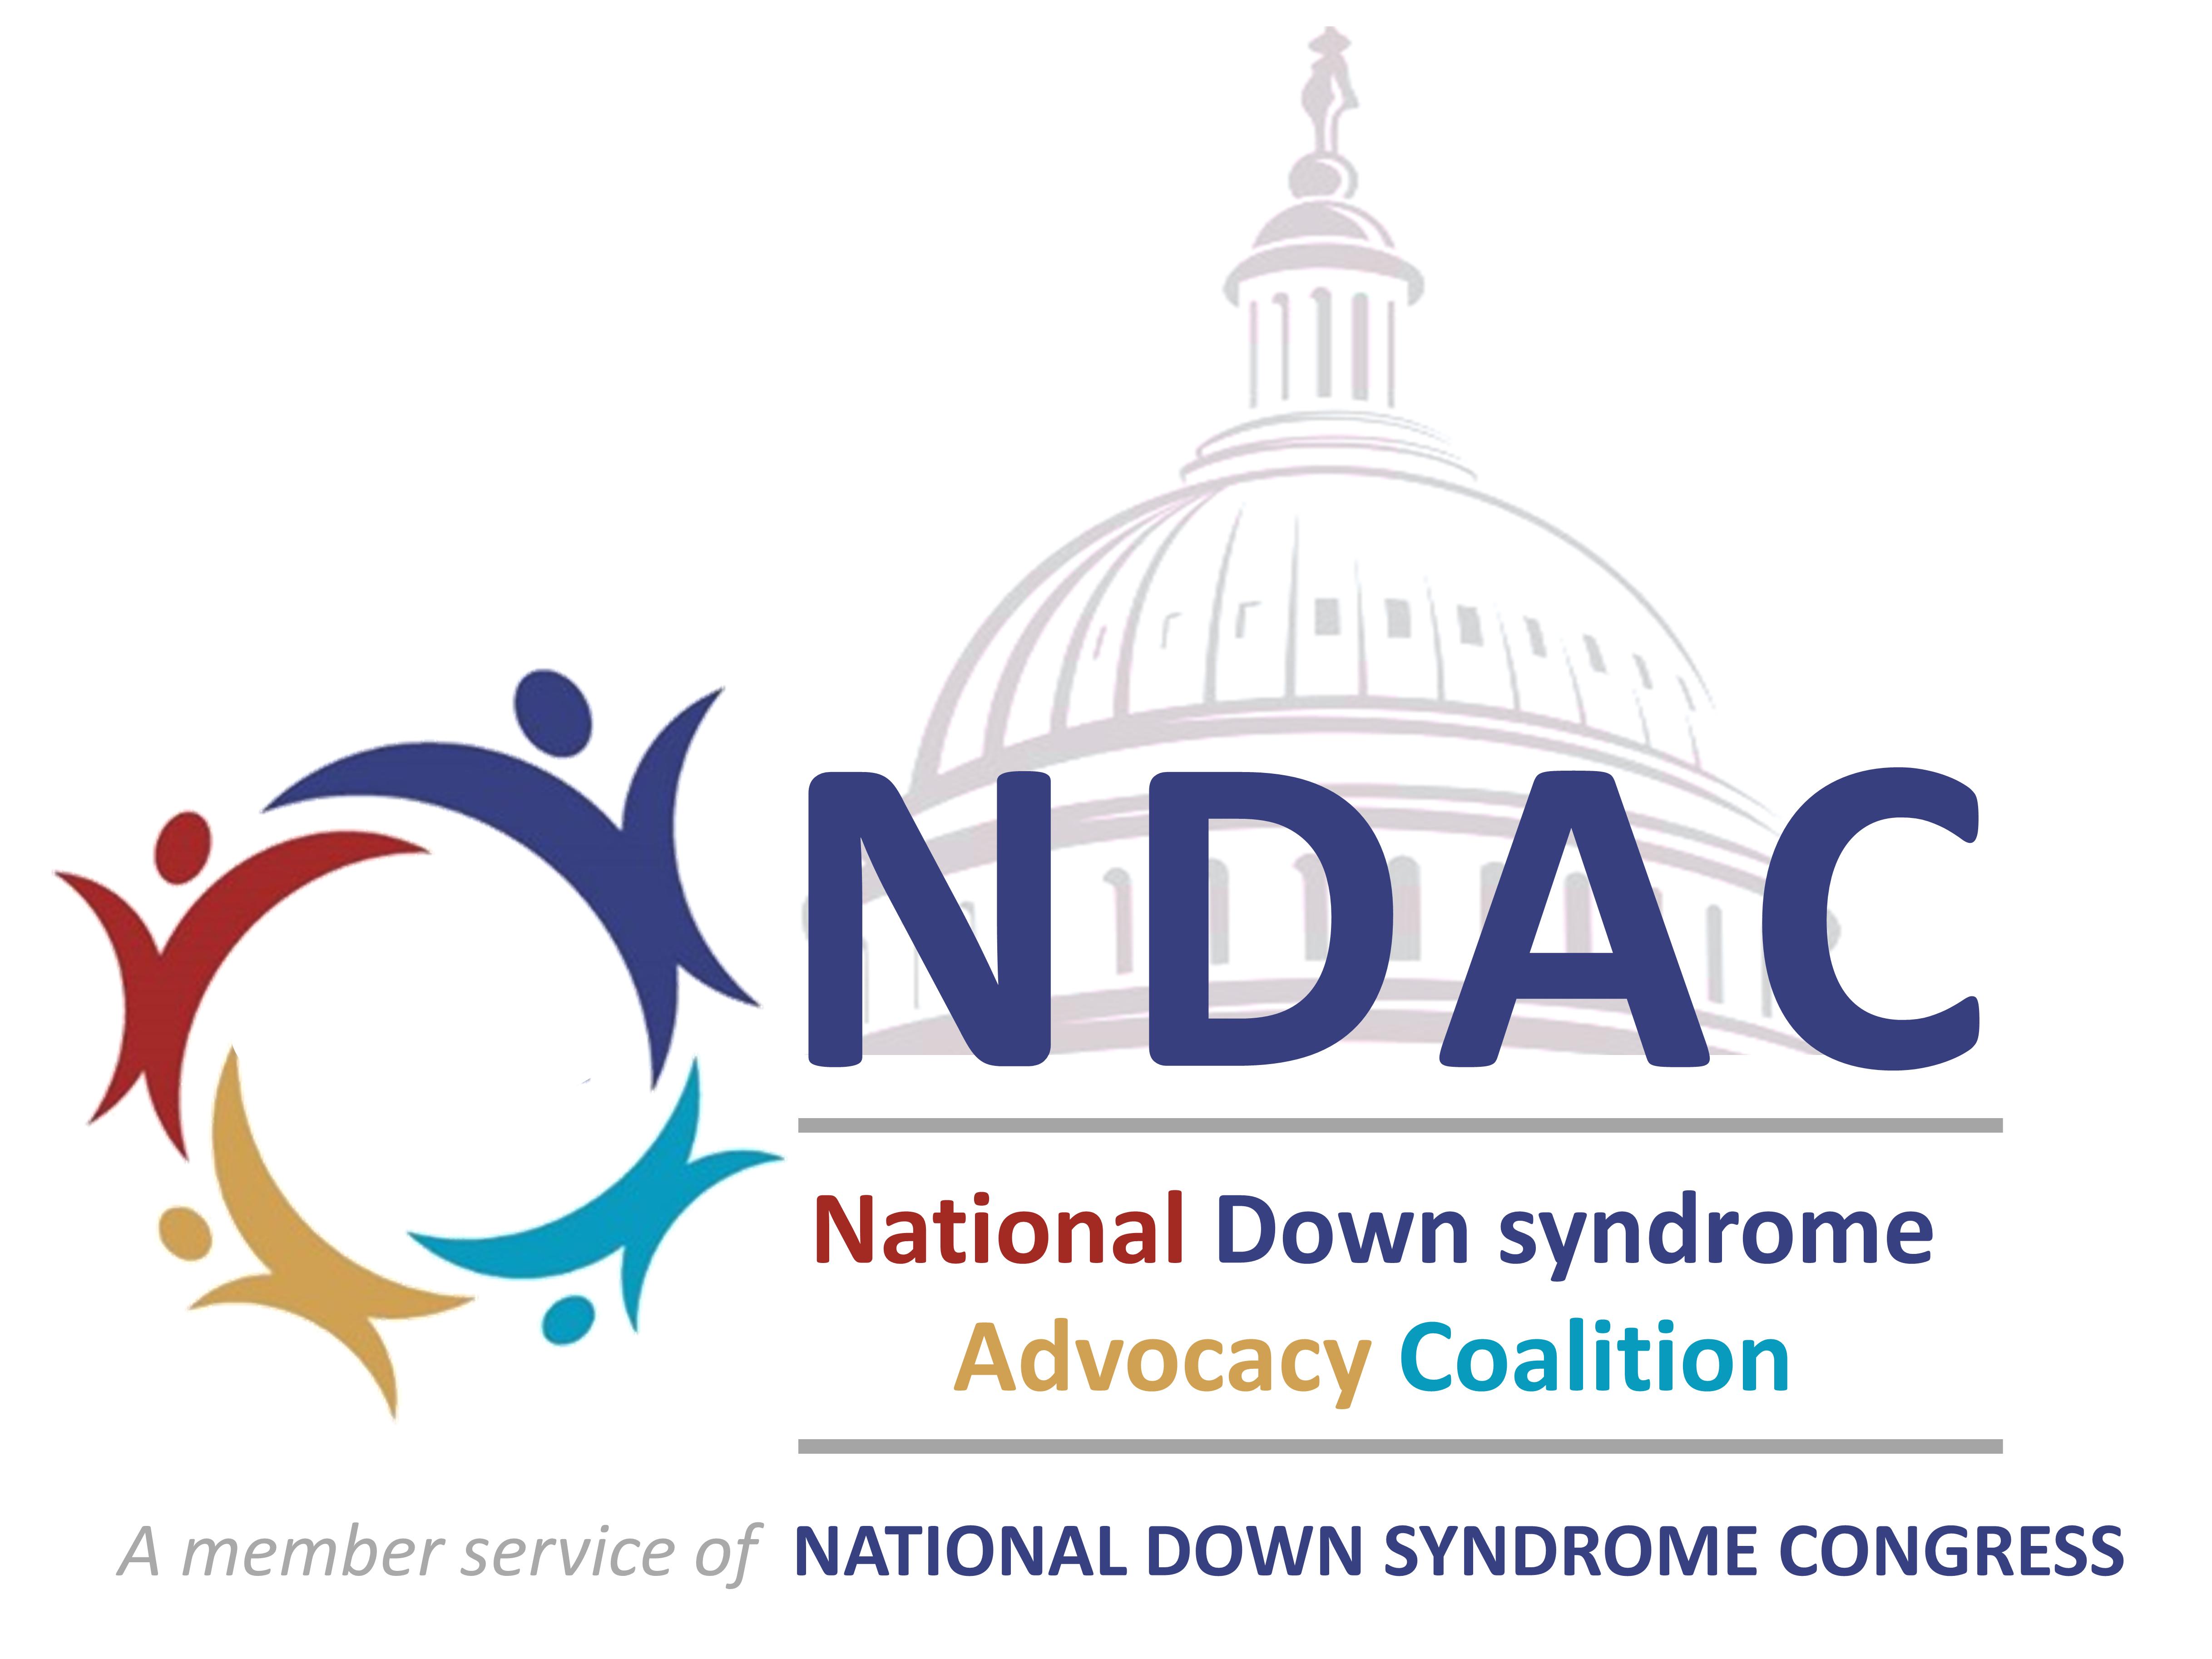 NDAC logo